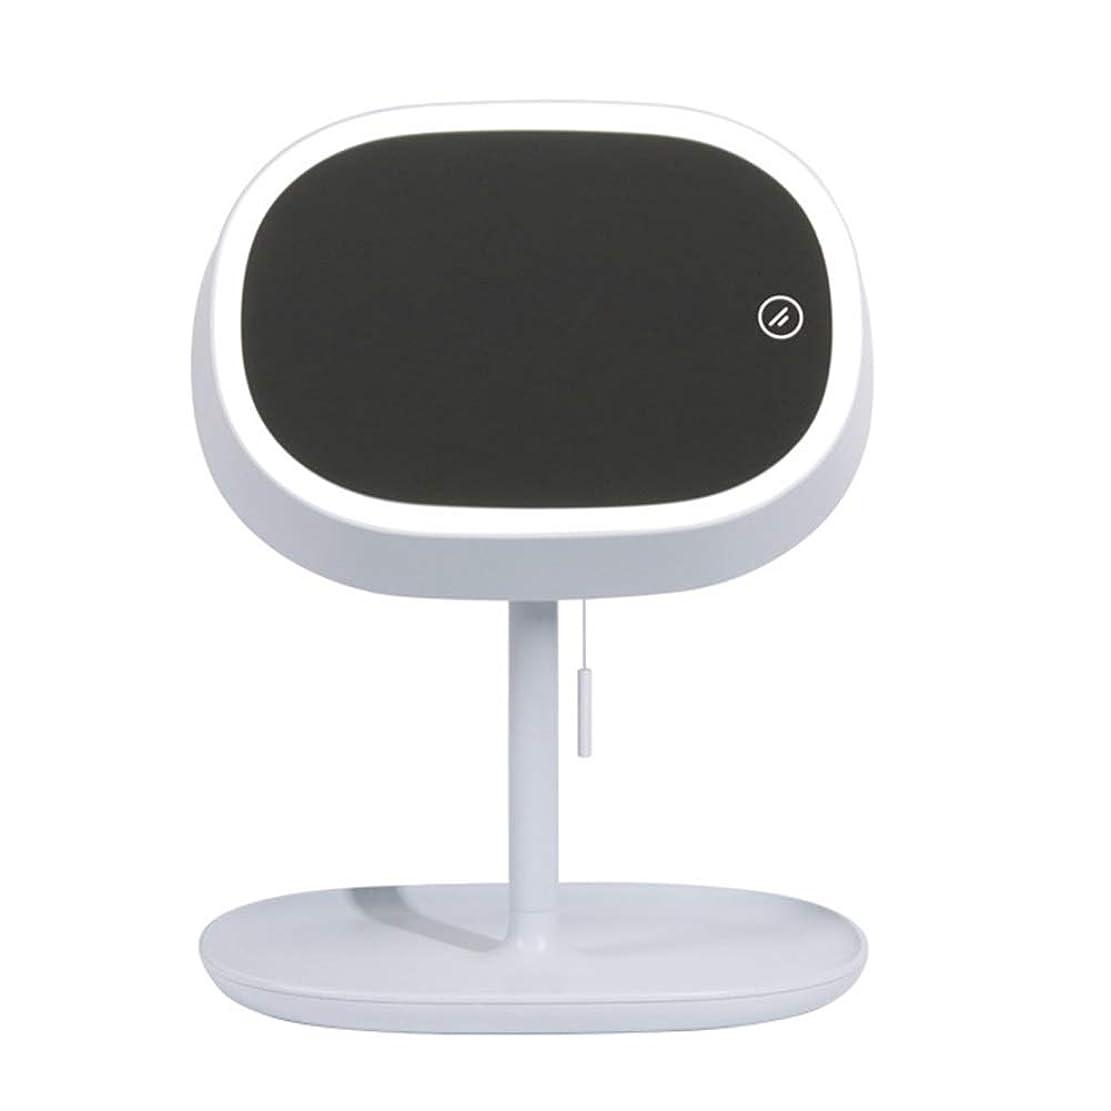 旅行慢な気づくなるGEABQJ LED化粧鏡 3種類のライト デスクトップ 多機能 ドローストリング フィル顕微鏡、 3色、 240×191×282mm (Color : Blue)